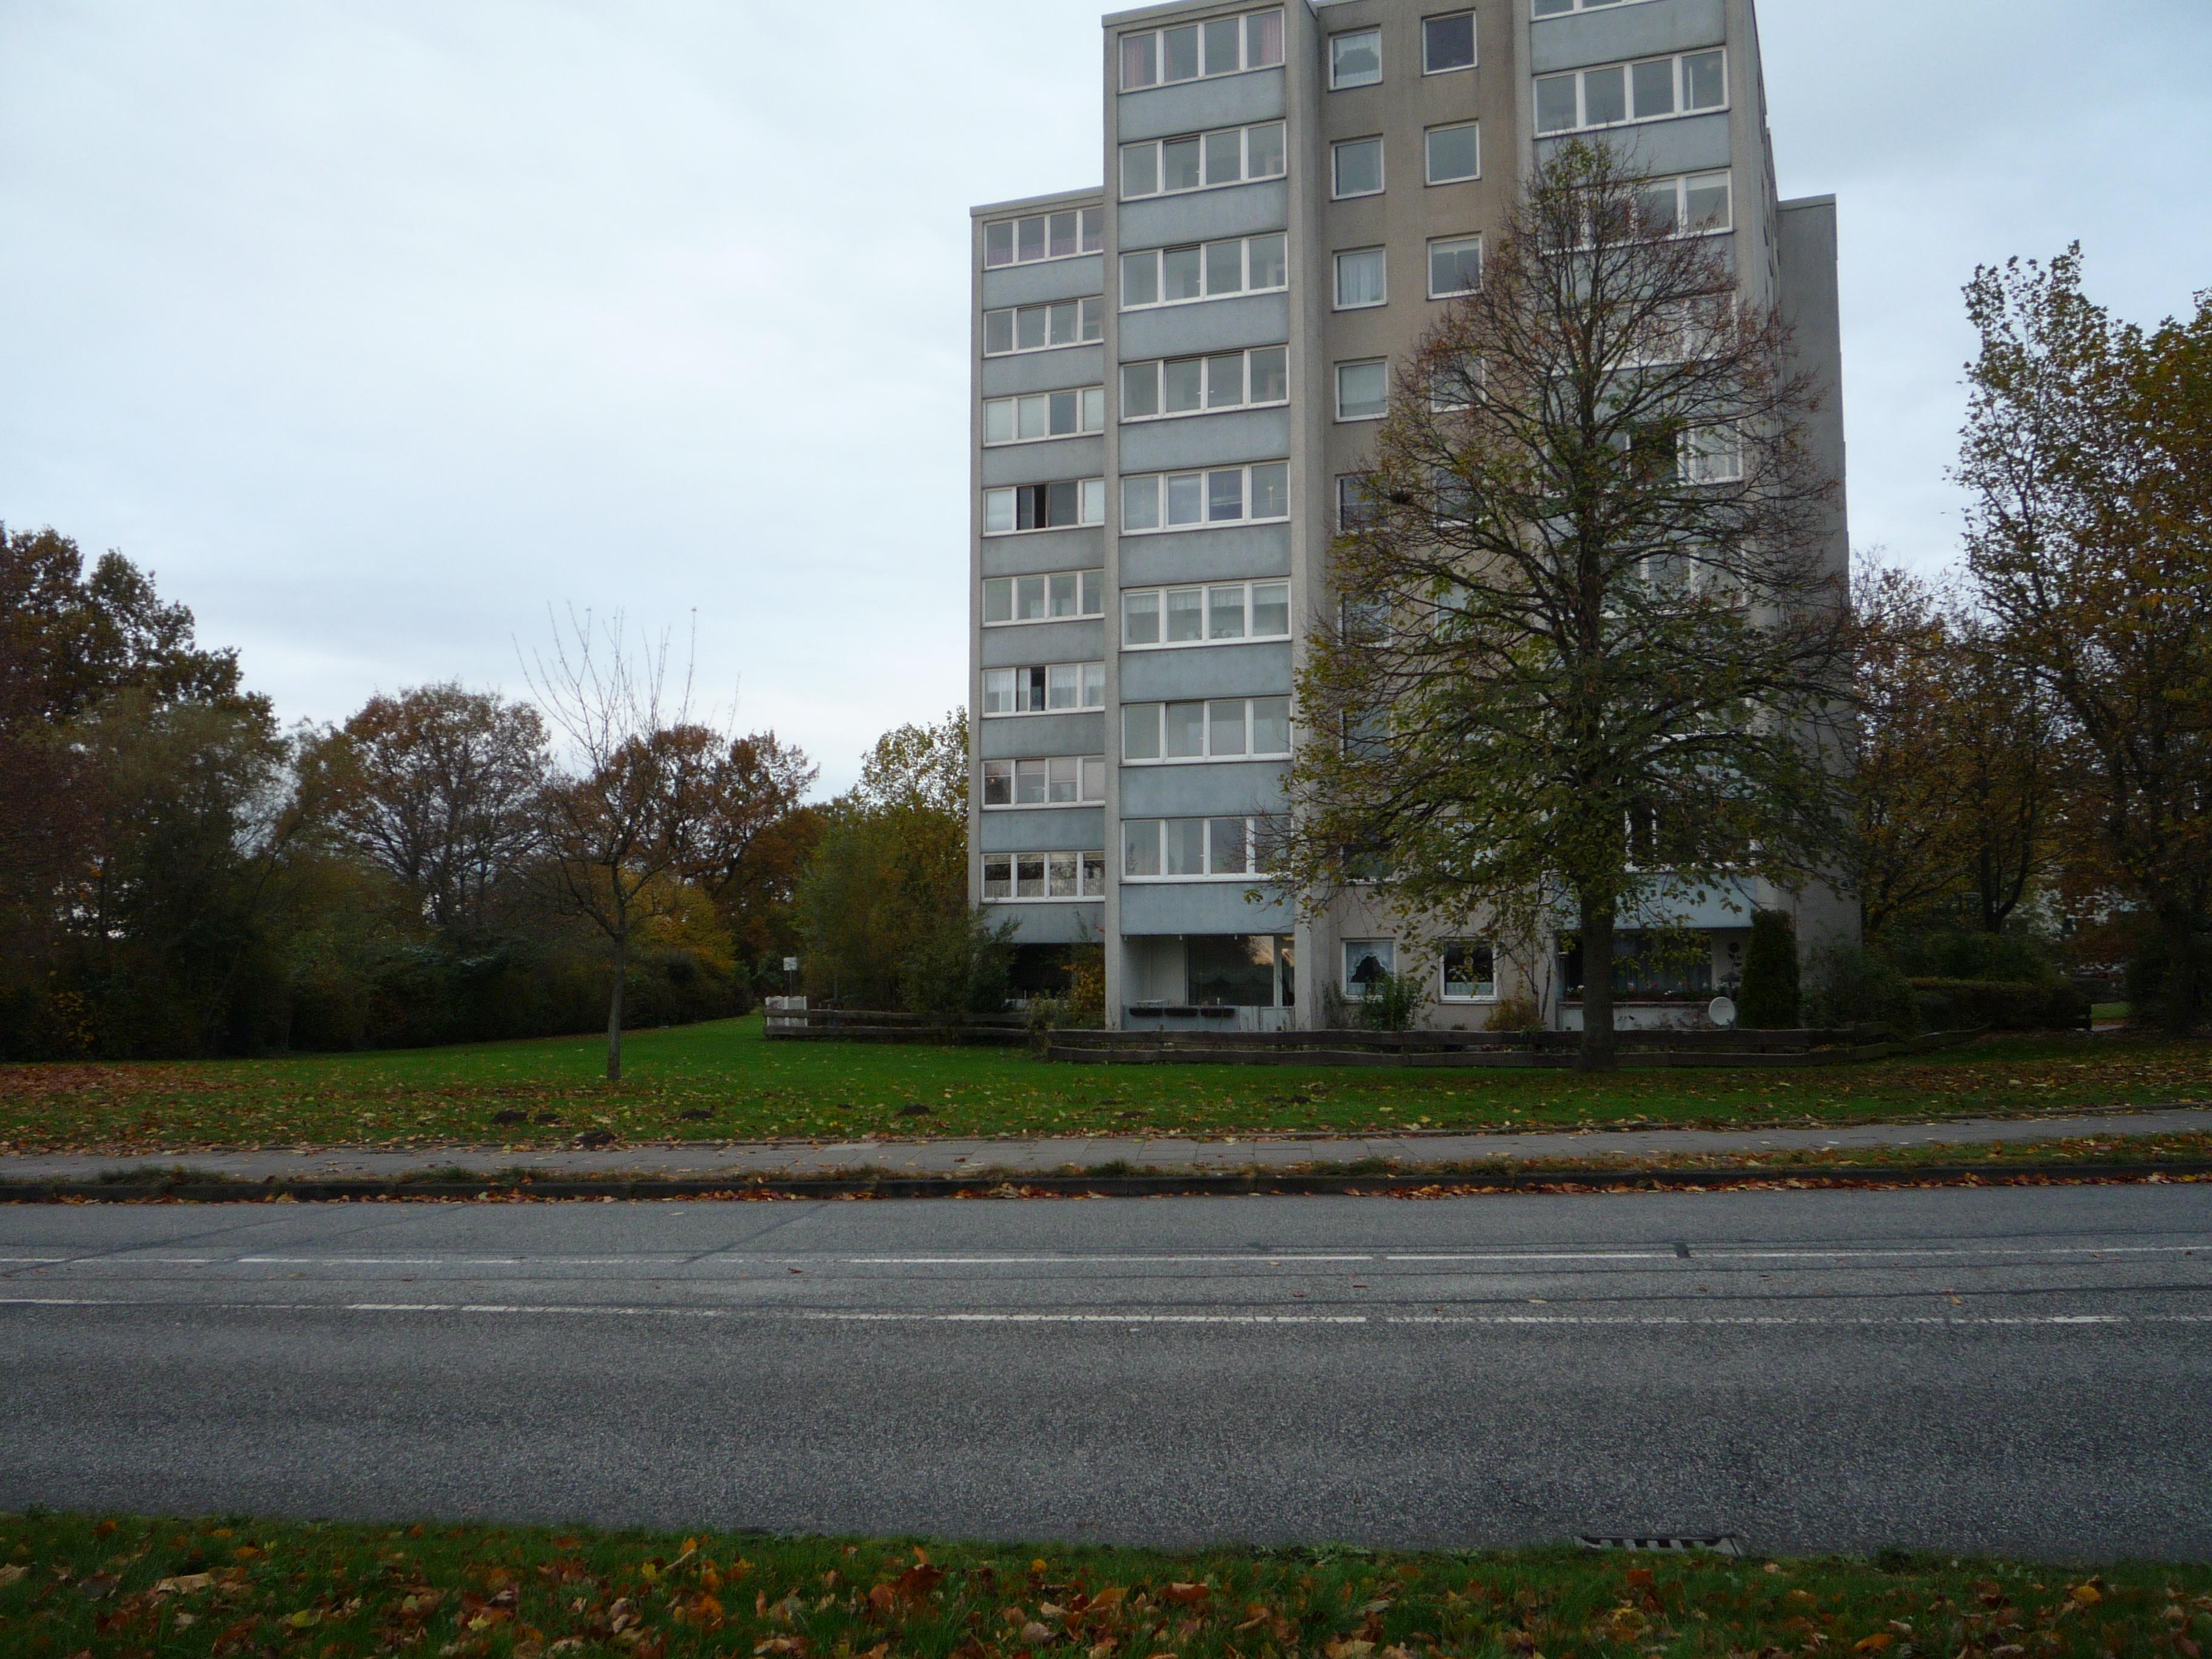 Skandinaviendamm Kiel